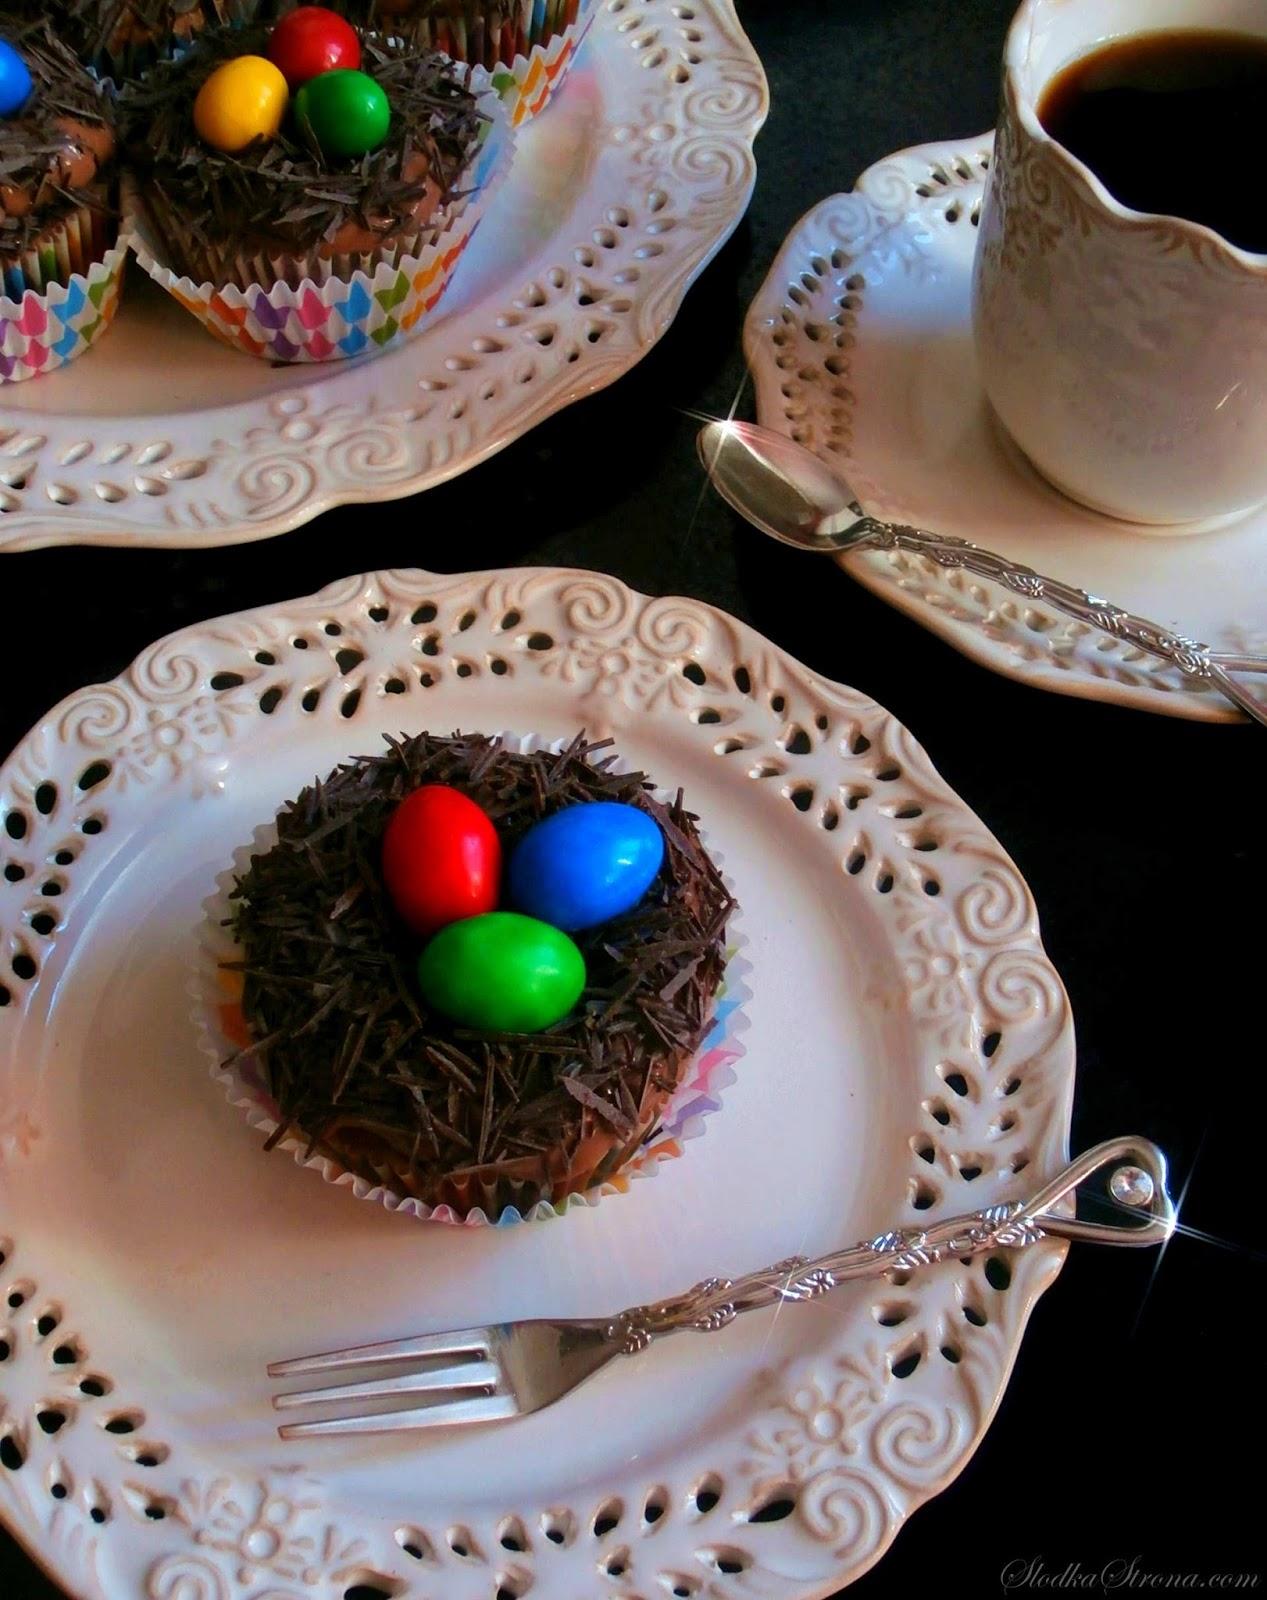 Wielkanocne Babeczki - Gniazdka z Jajeczkami - Przepis - Słodka Strona